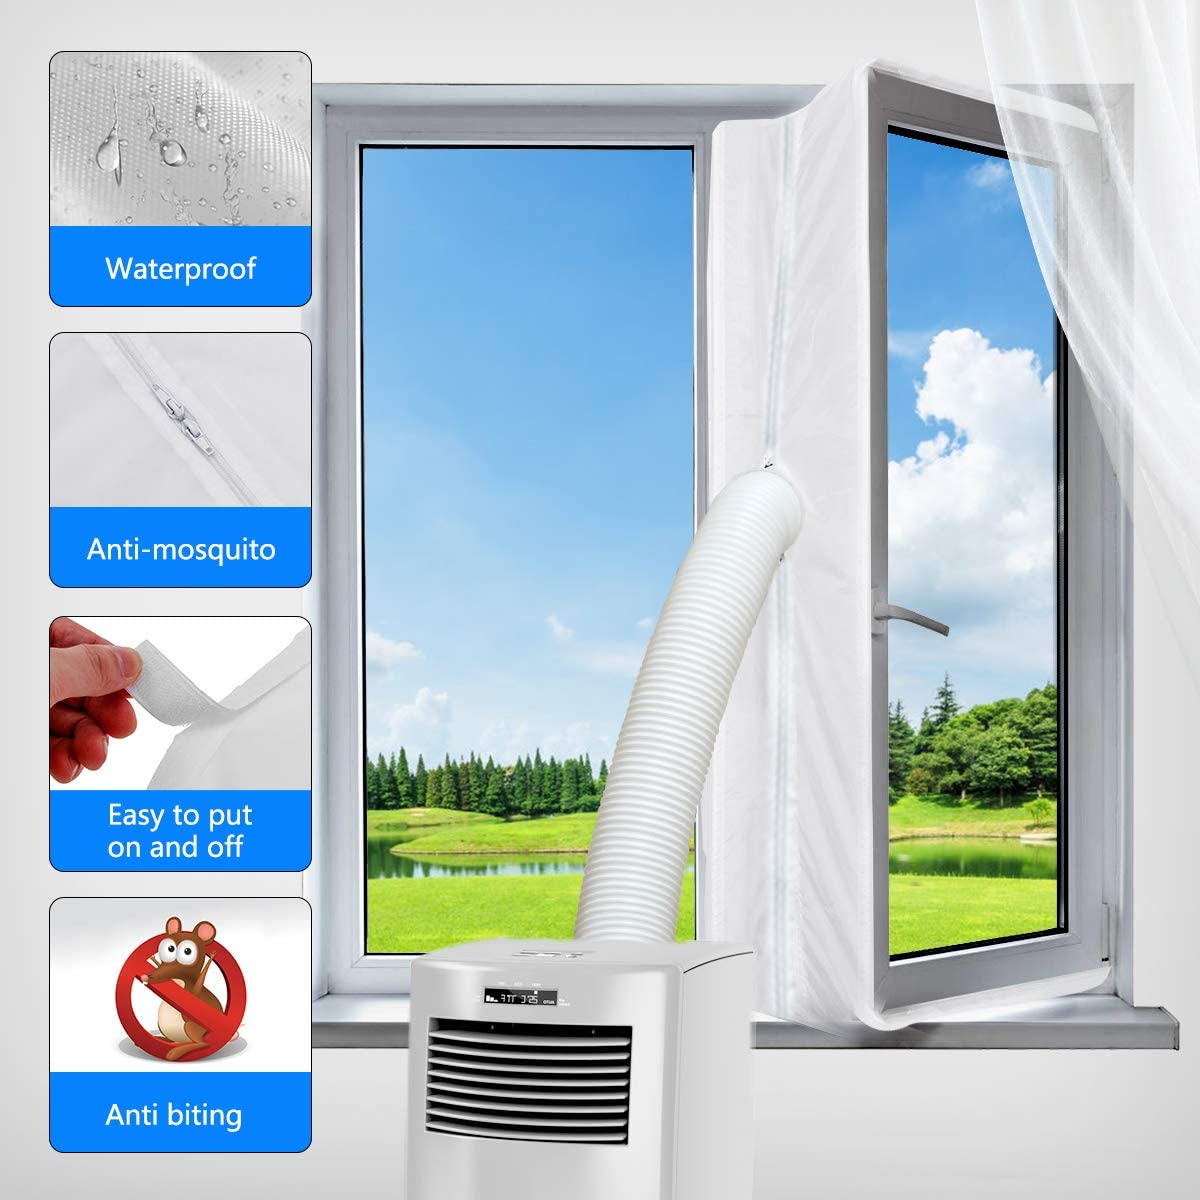 Aozzy para aparatos de Aire Acondicionado portátiles Cubierta de Ventana AirLock, Pantalla para Evitar la Entrada de Aire Caliente Accesorio de Sistema de Aire Acondicionado: Amazon.es: Hogar